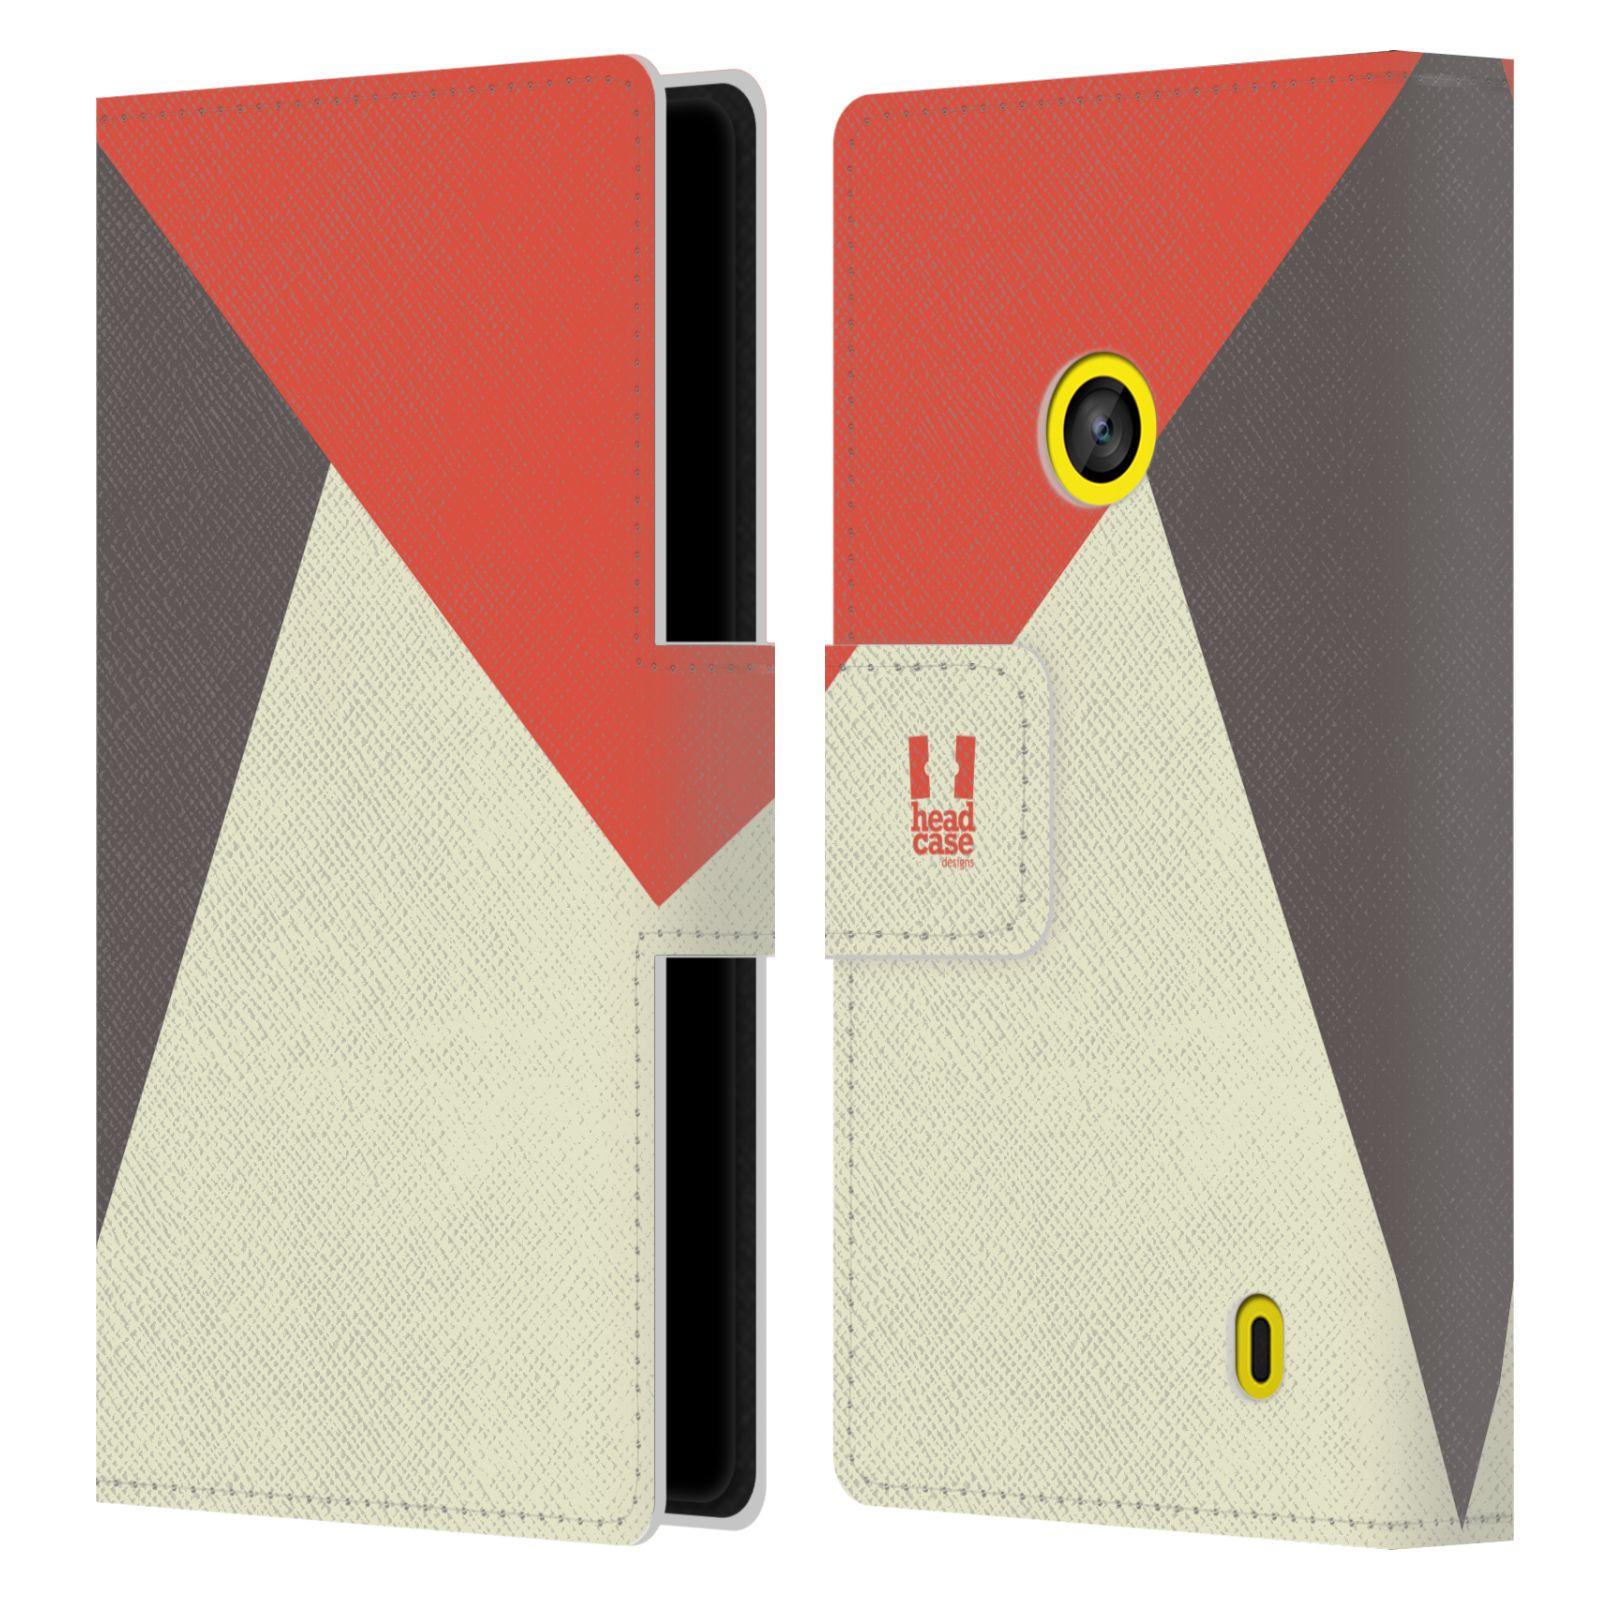 HEAD CASE Flipové pouzdro pro mobil Nokia LUMIA 520/525 barevné tvary červená a šedá COOL